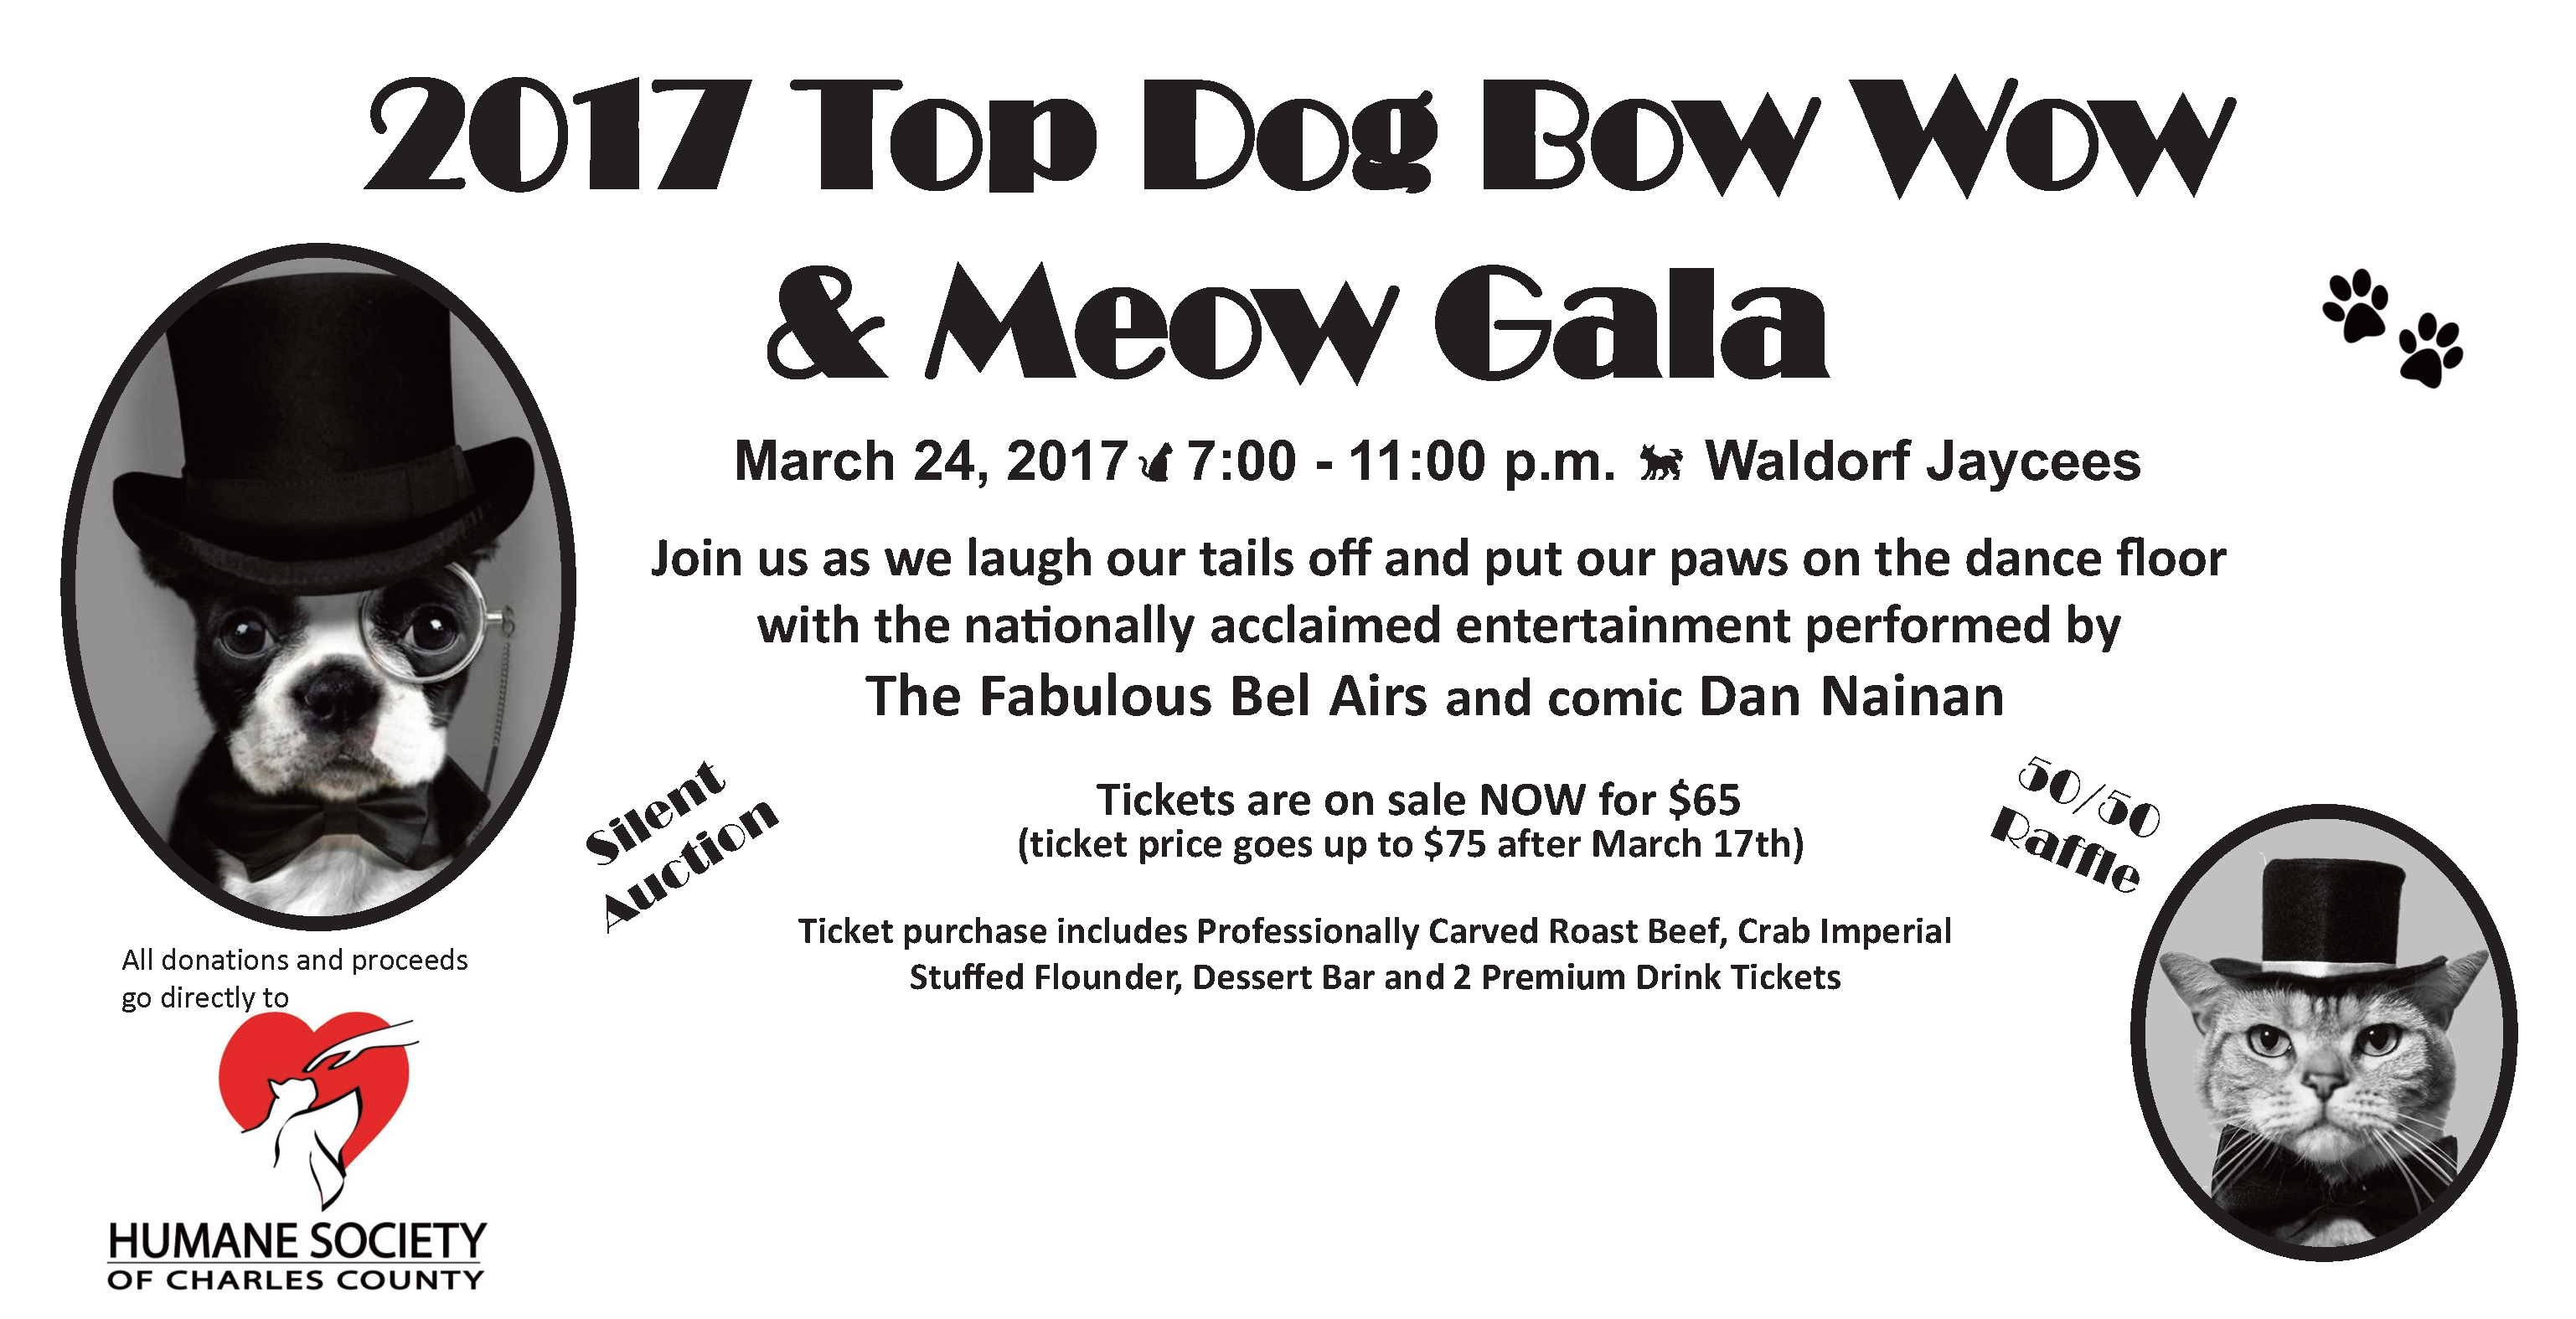 Top Dog promotion flyer